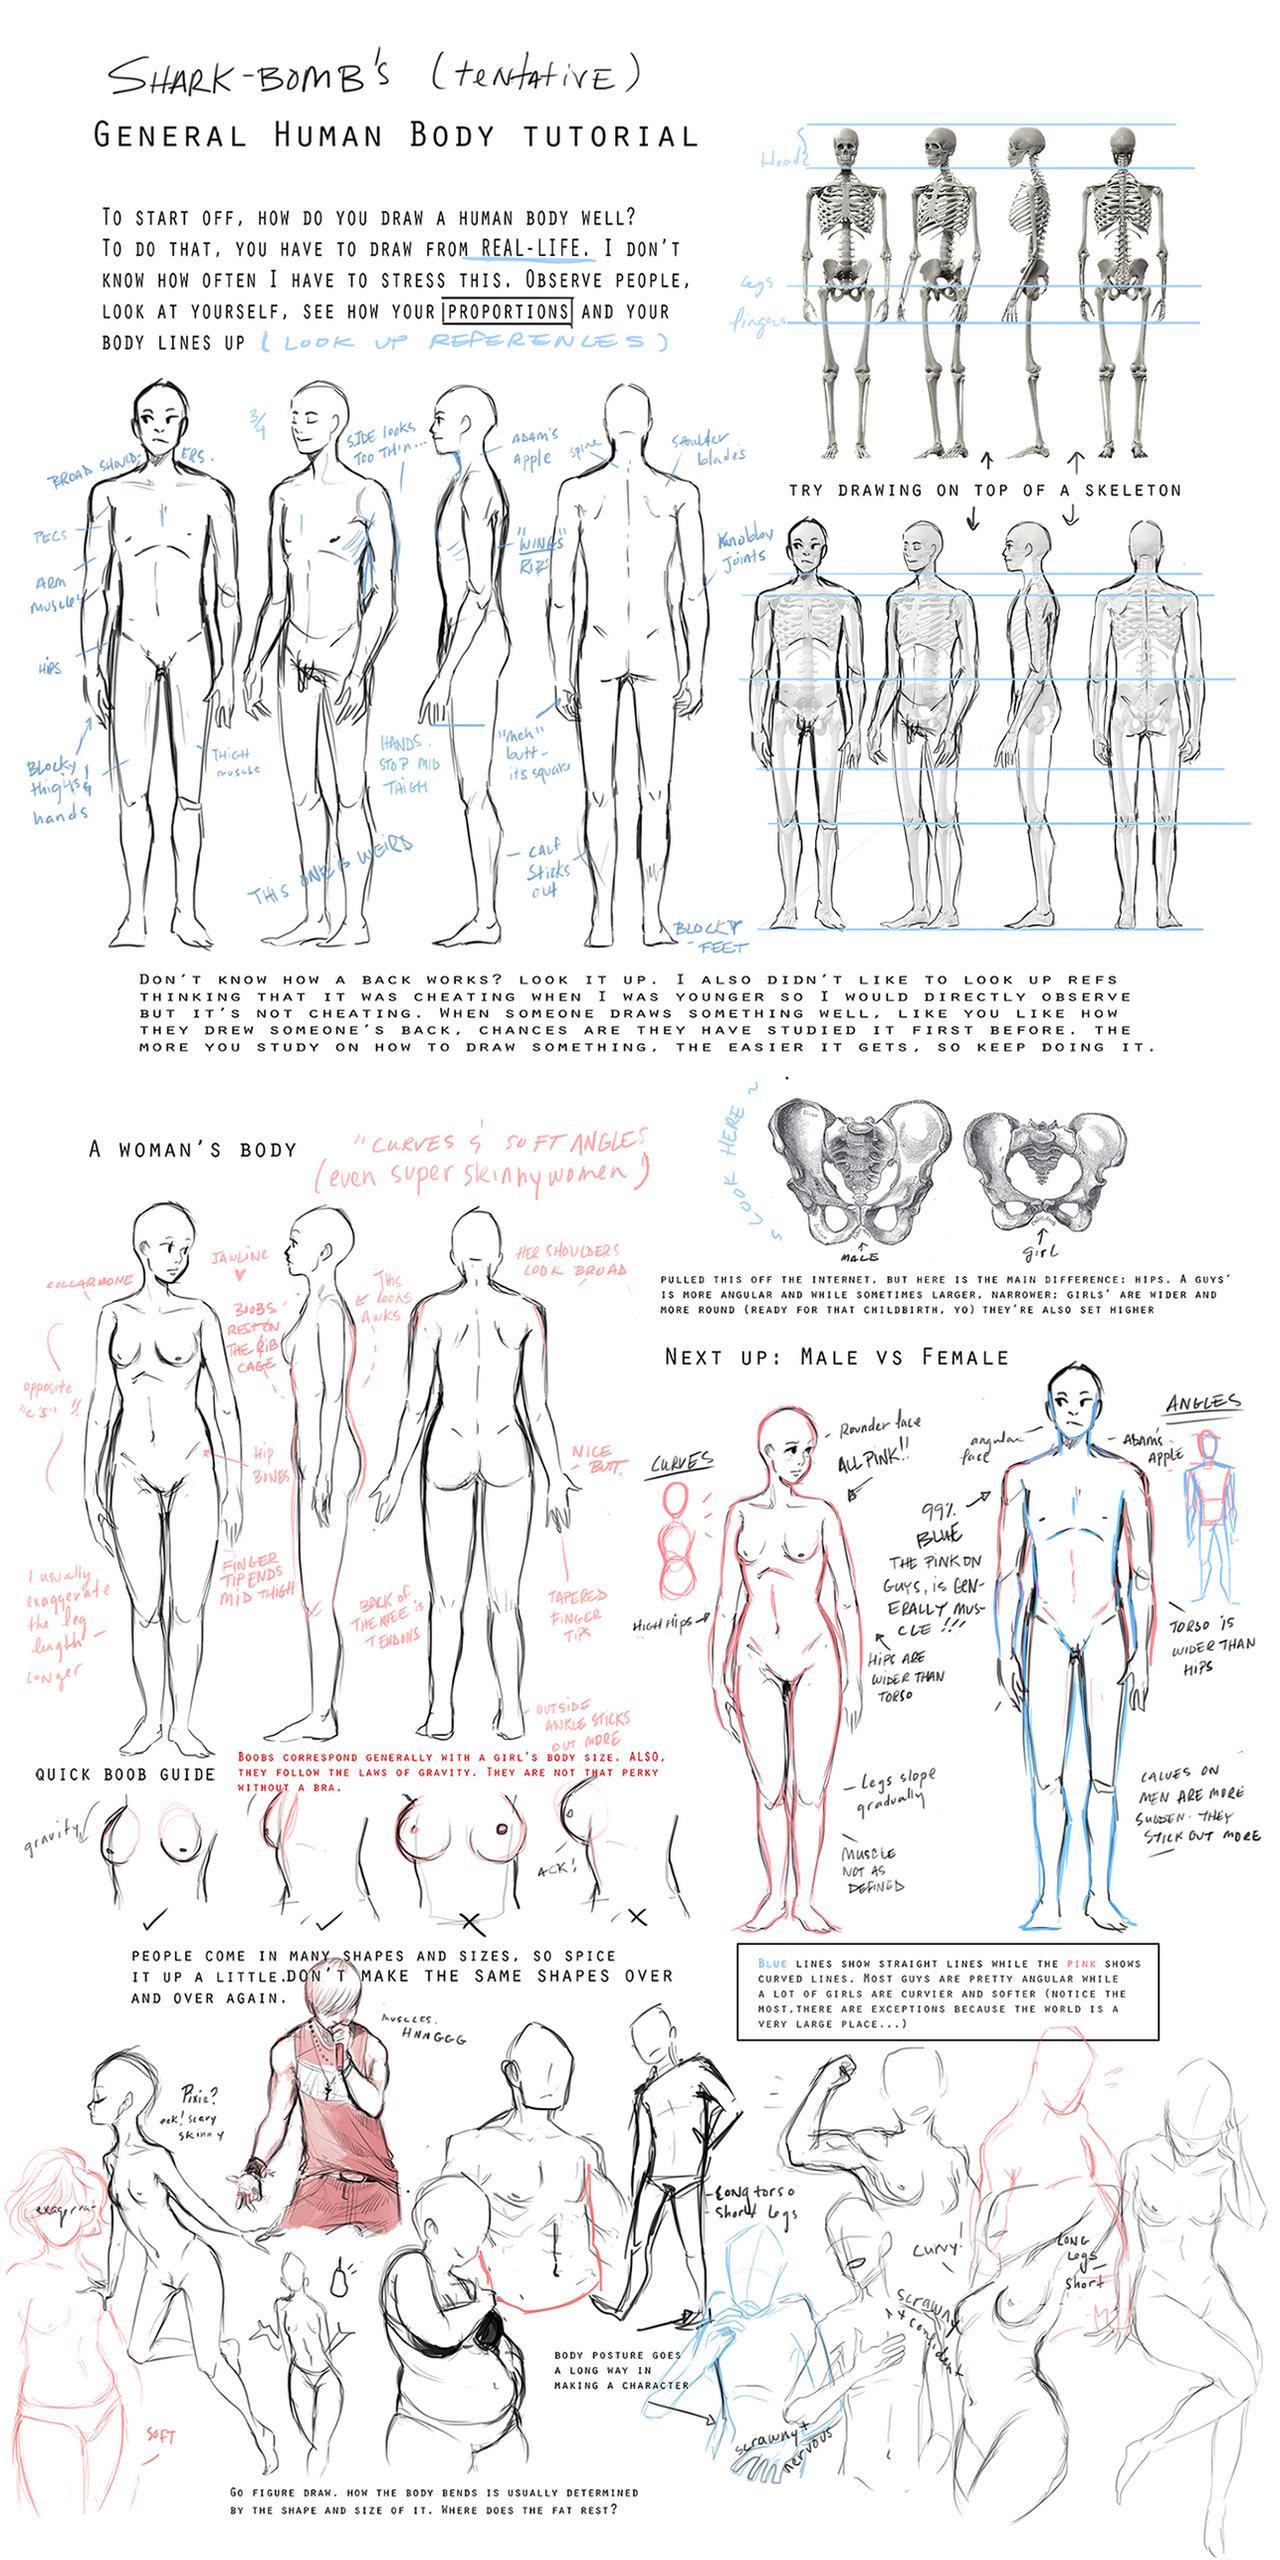 General Body Tutorial by shark-bomb on DeviantArt